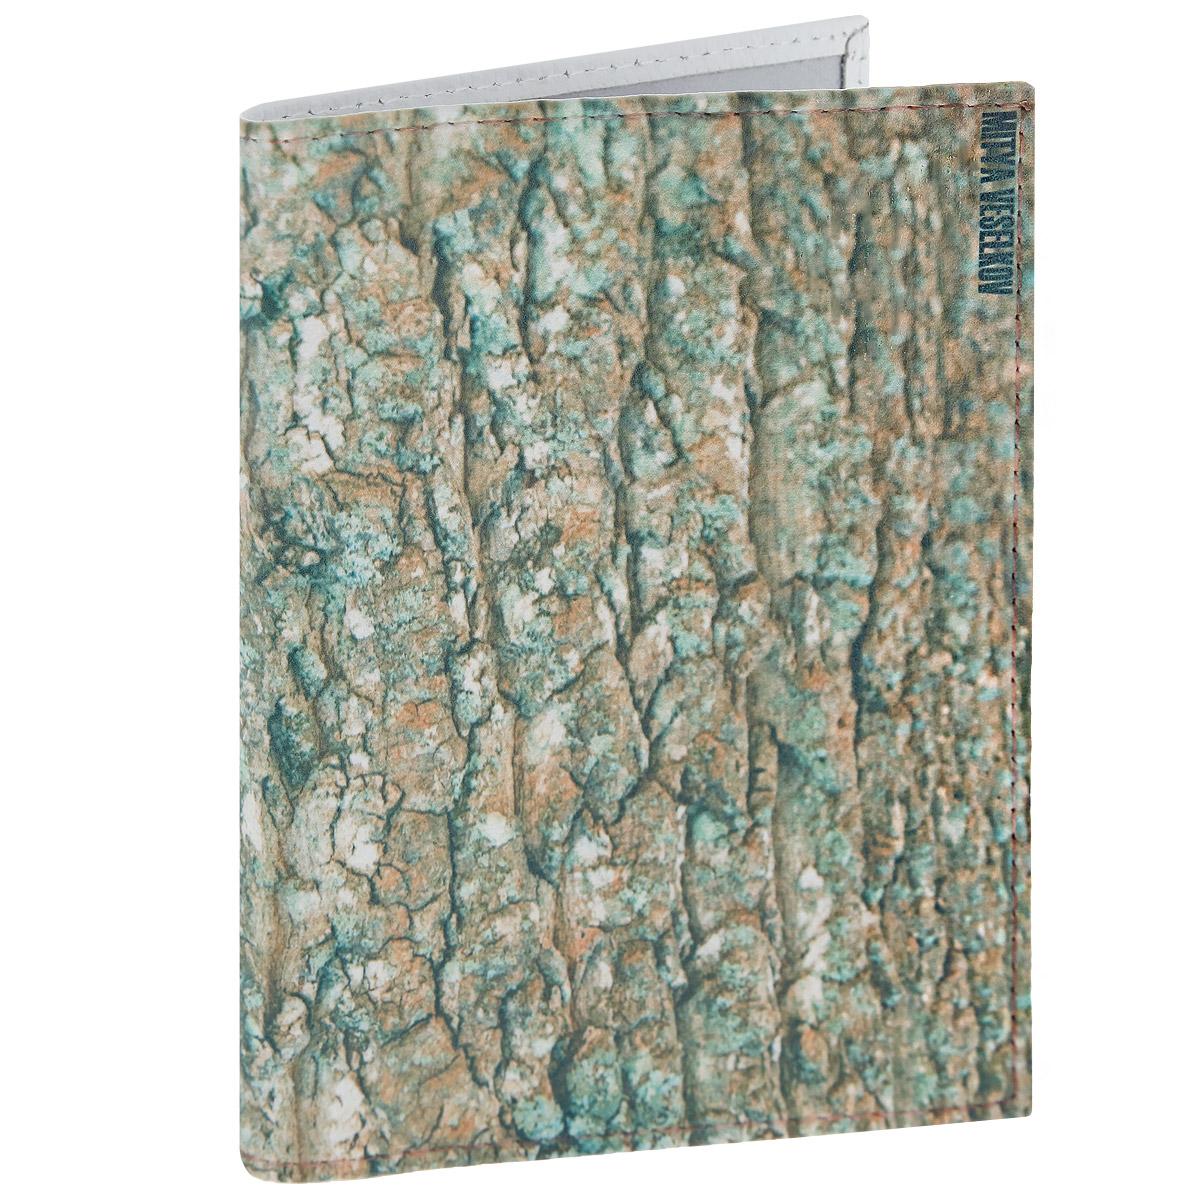 Обложка для паспорта Mitya Veselkov Кора, цвет: зеленый. OK120OK120Обложка для паспорта Mitya Veselkov Кора выполнена из натуральной кожи и стилизована под древесную кору. Такая обложка не только поможет сохранить внешний вид ваших документов и защитит их от повреждений, но и станет стильным аксессуаром, идеально подходящим вашему образу. Яркая и оригинальная обложка подчеркнет вашу индивидуальность и изысканный вкус. Обложка для паспорта стильного дизайна может быть достойным и оригинальным подарком.